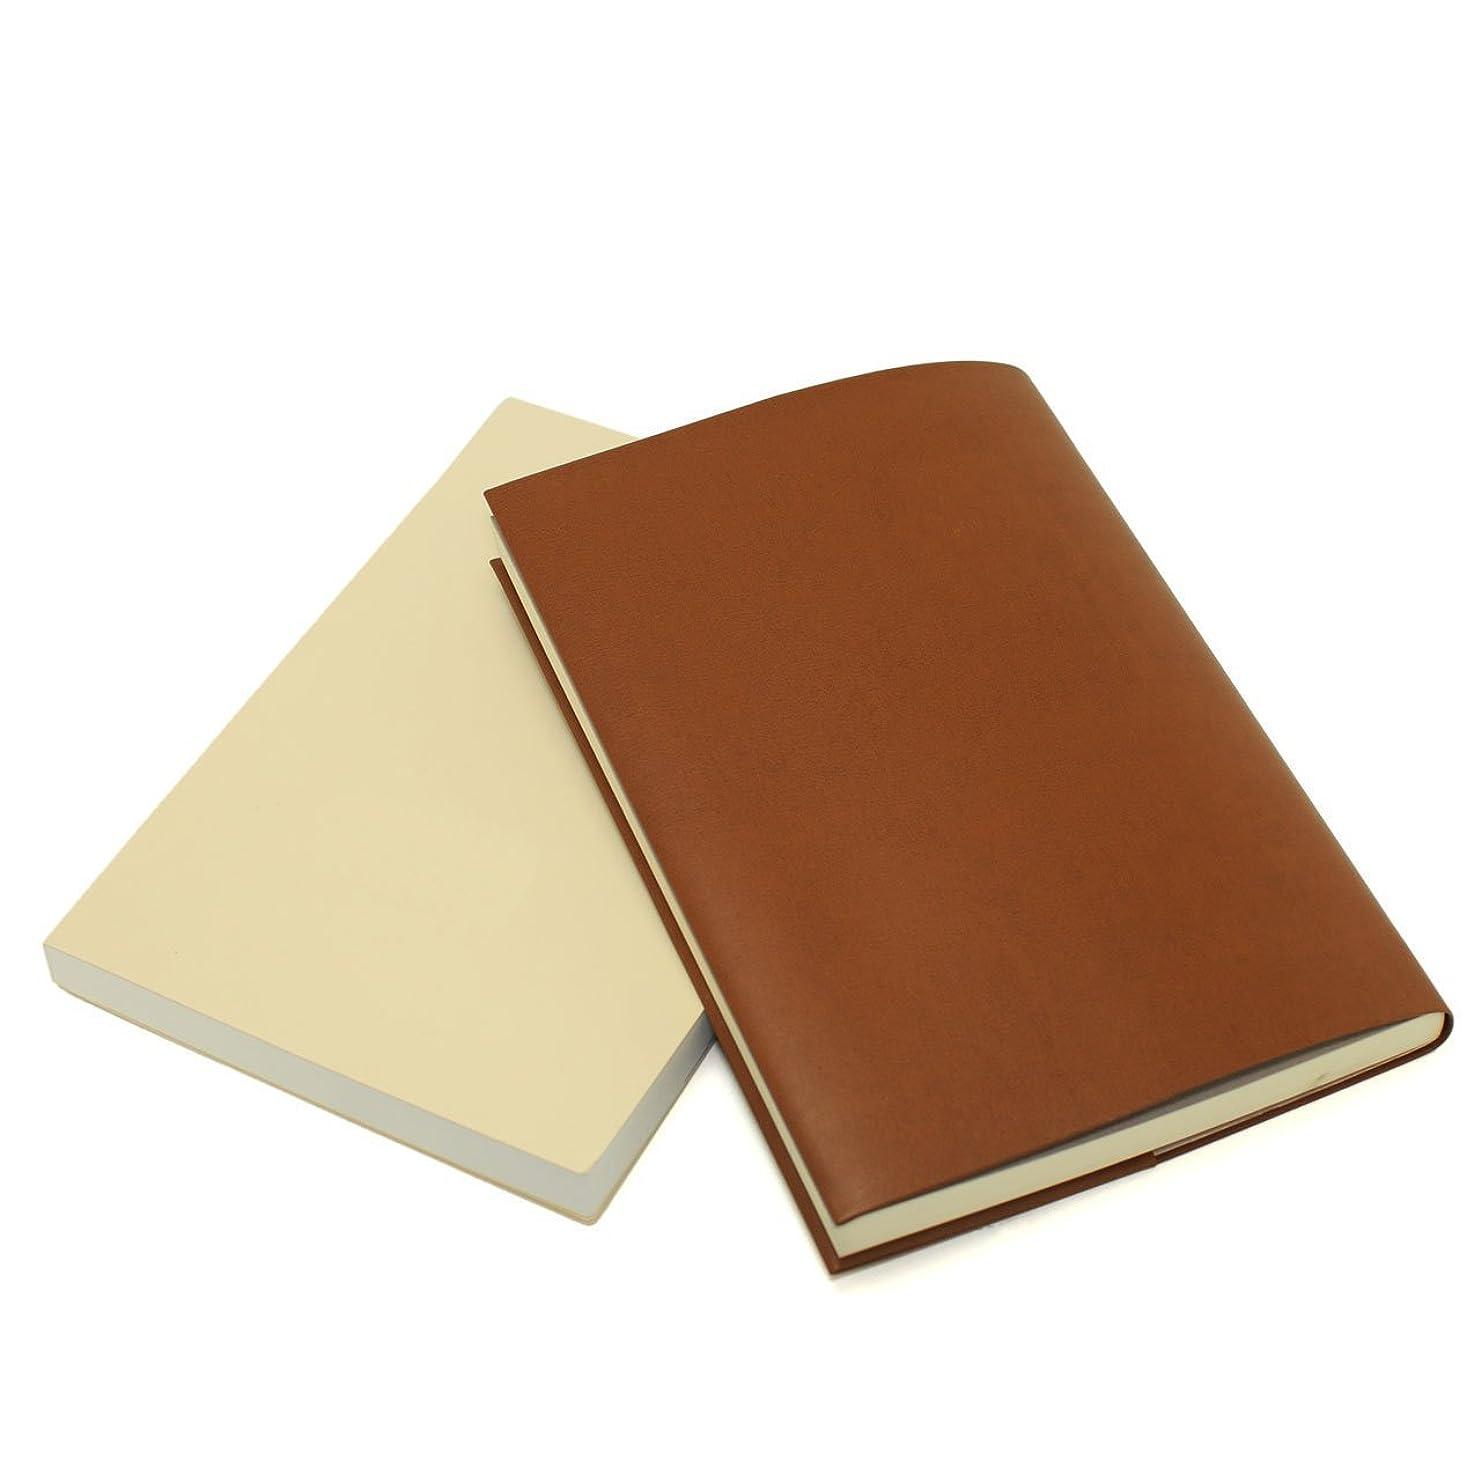 反響するパイル太字お手入れいらずのほぼ日手帳カズン対応 A5サイズ リサイクルレザー カバー (キャメル)